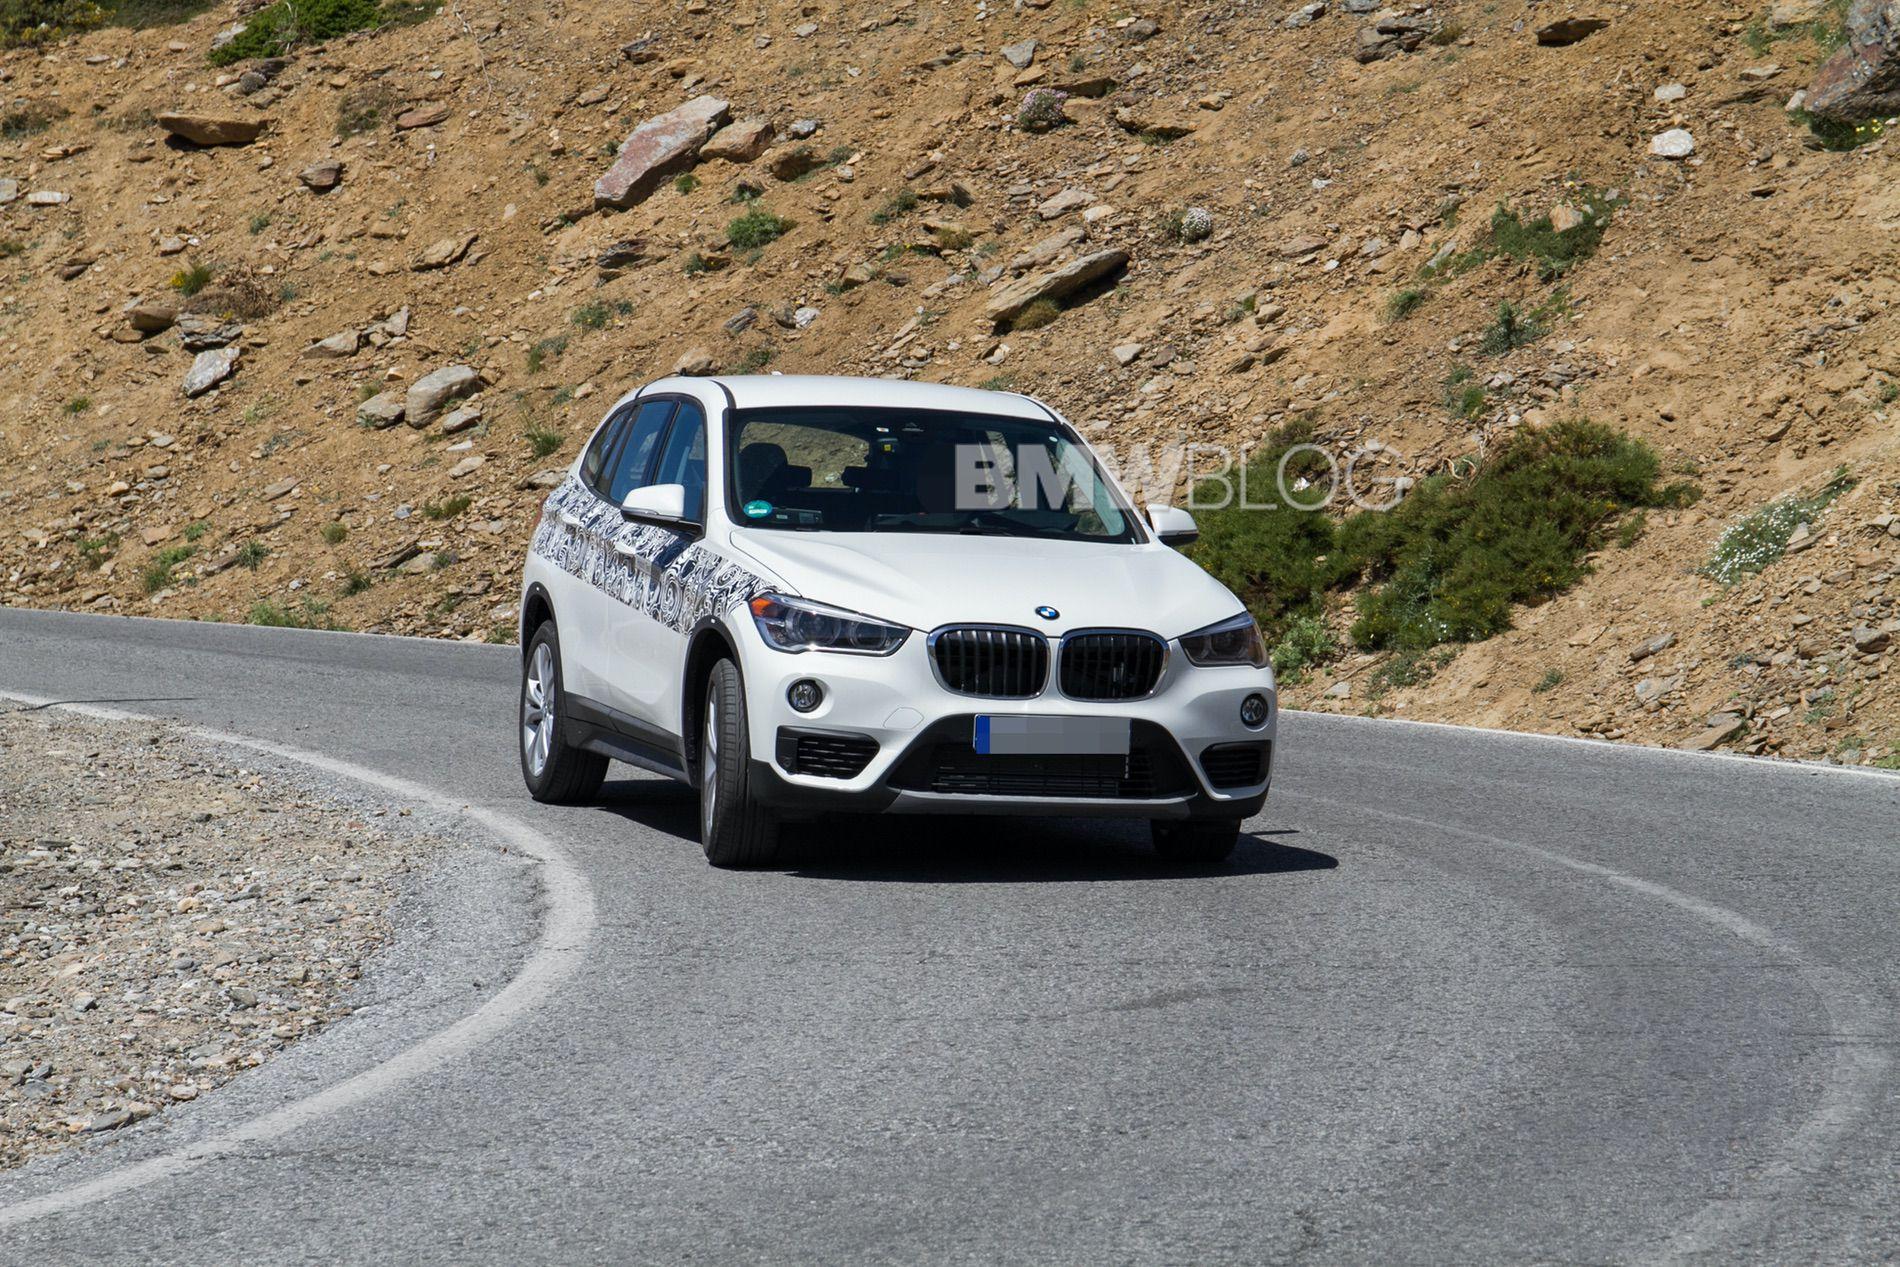 BMW X1 hybrid spy photos 01